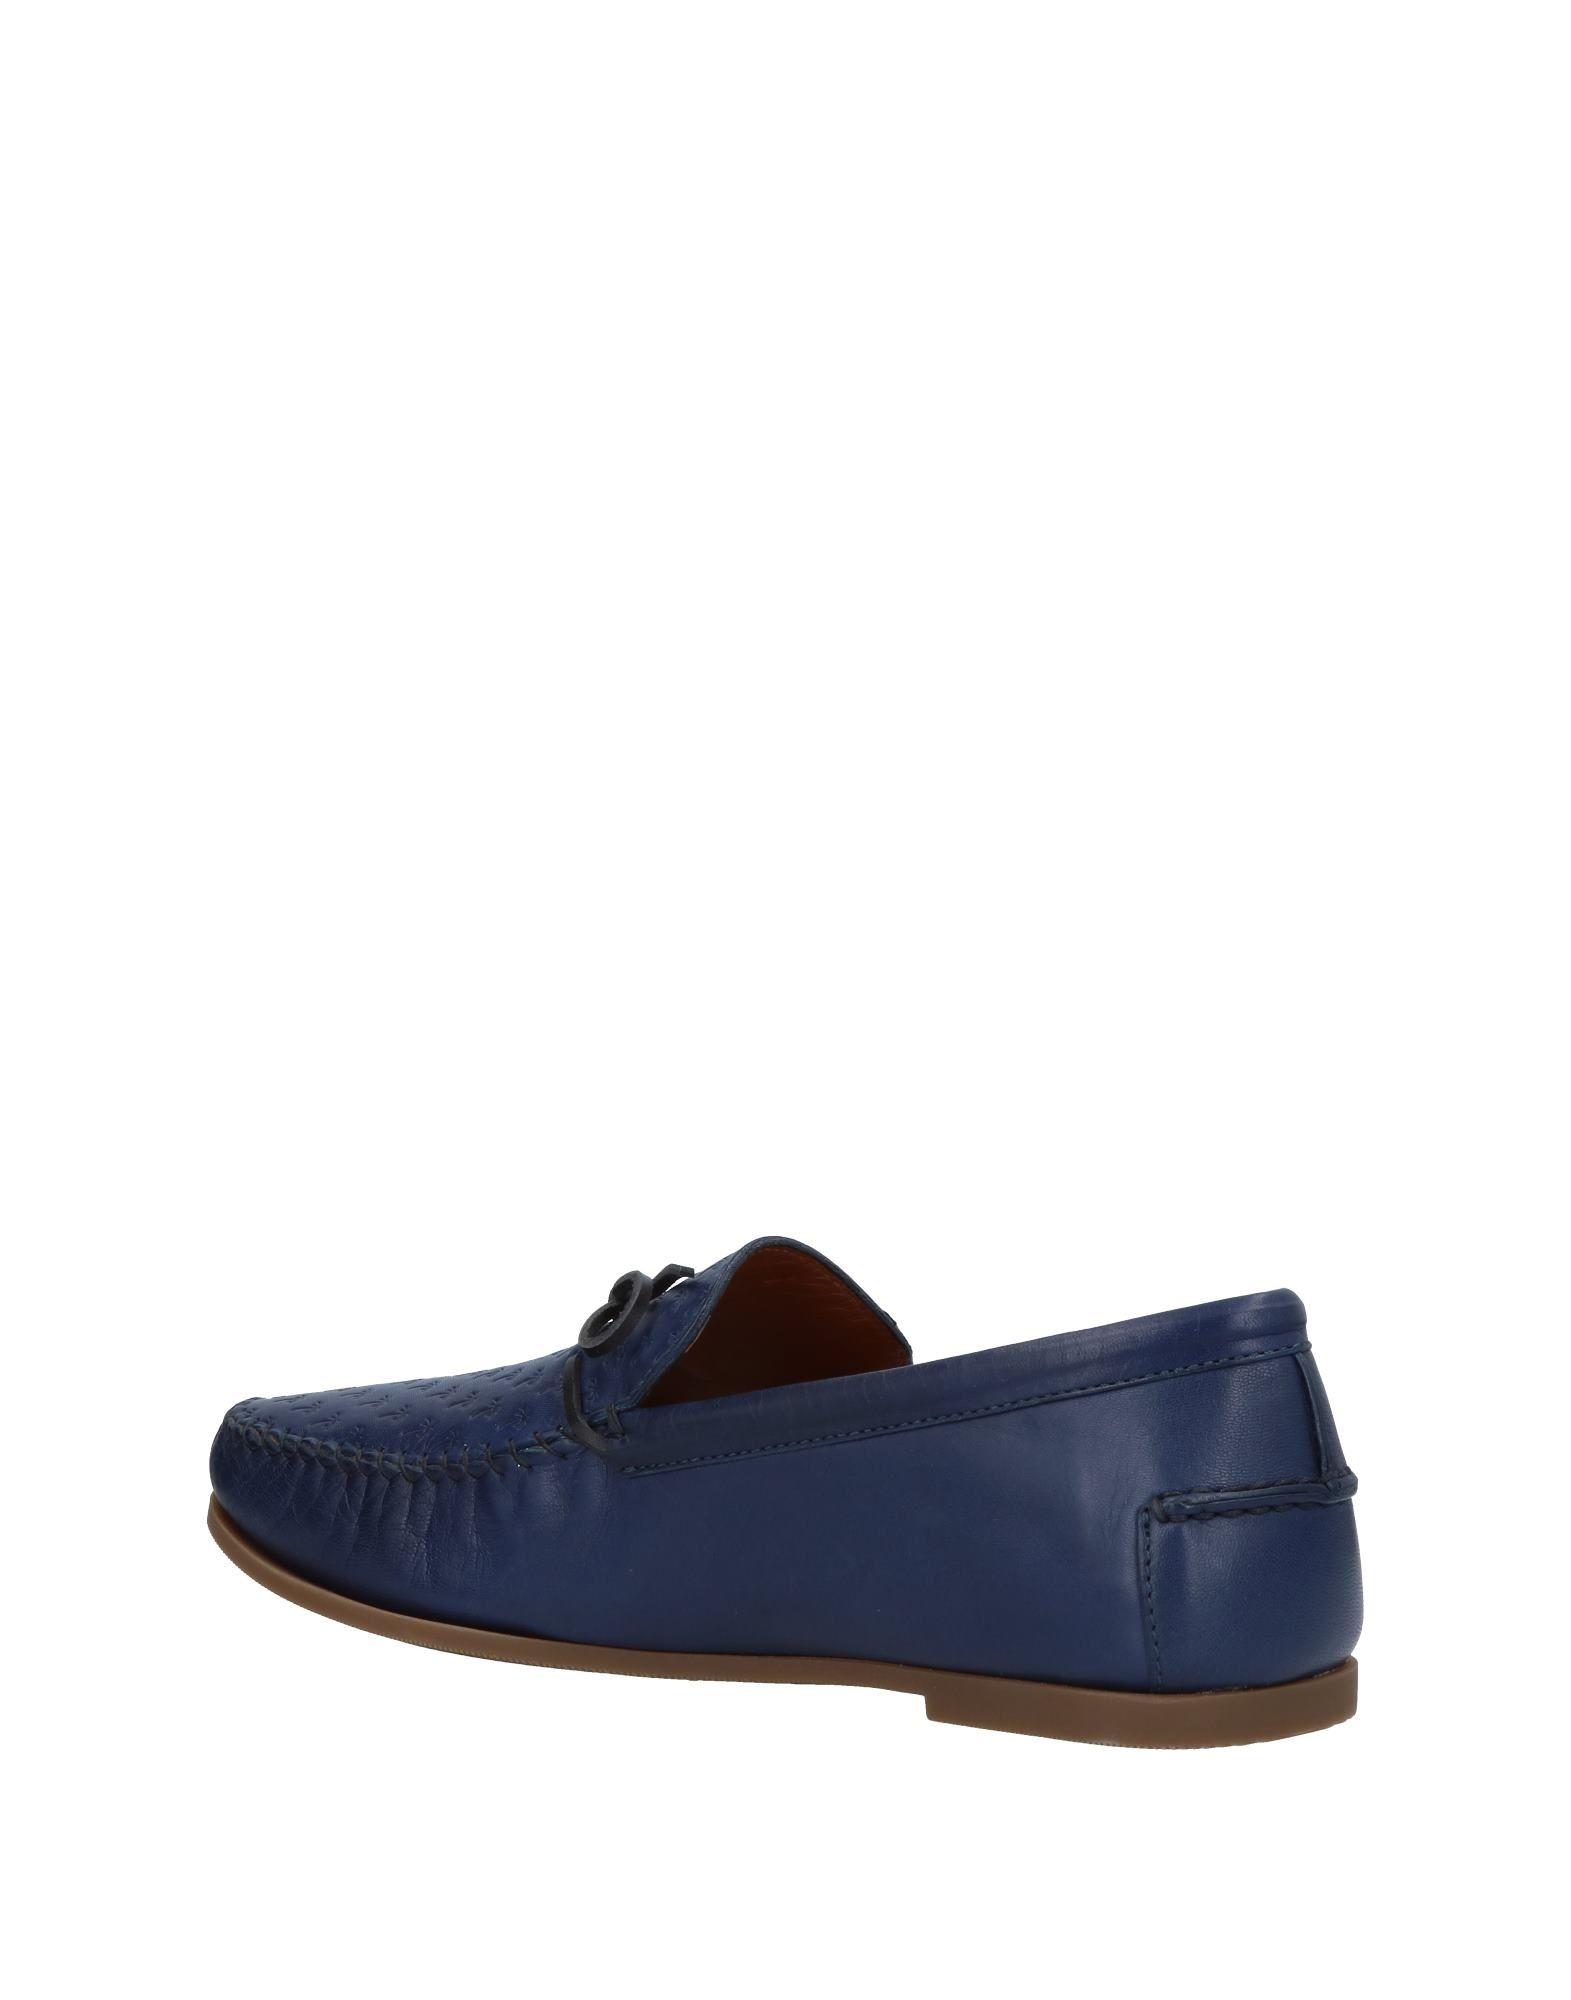 Tomas Maier Mokassins Damen  11394080QW Gute Qualität beliebte Schuhe